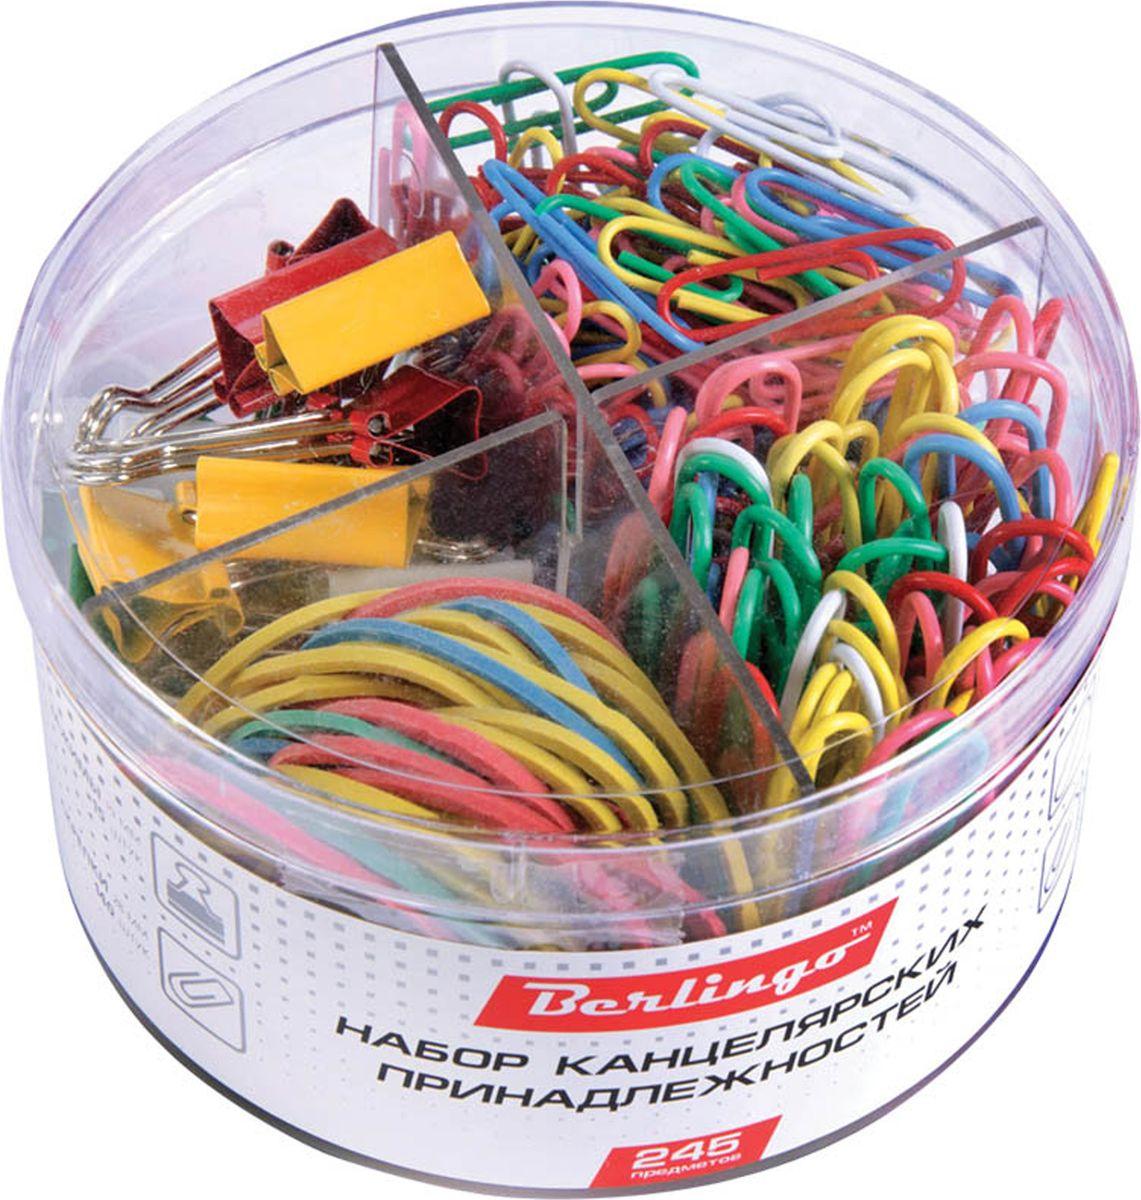 Berlingo Набор офисных принадлежностей 245 штMcn_24506Набор канцелярских принадлежностей включает в себя: банковскую резинку (40 штук), цветные скрепки с виниловым покрытием 28 мм(140 штук), цветные скрепки с виниловым покрытием 50 мм ( 50 штук), цветные зажимы 19 мм (15 штук). Упаковка - пластиковый цилиндр с отделениями для каждого вида товара